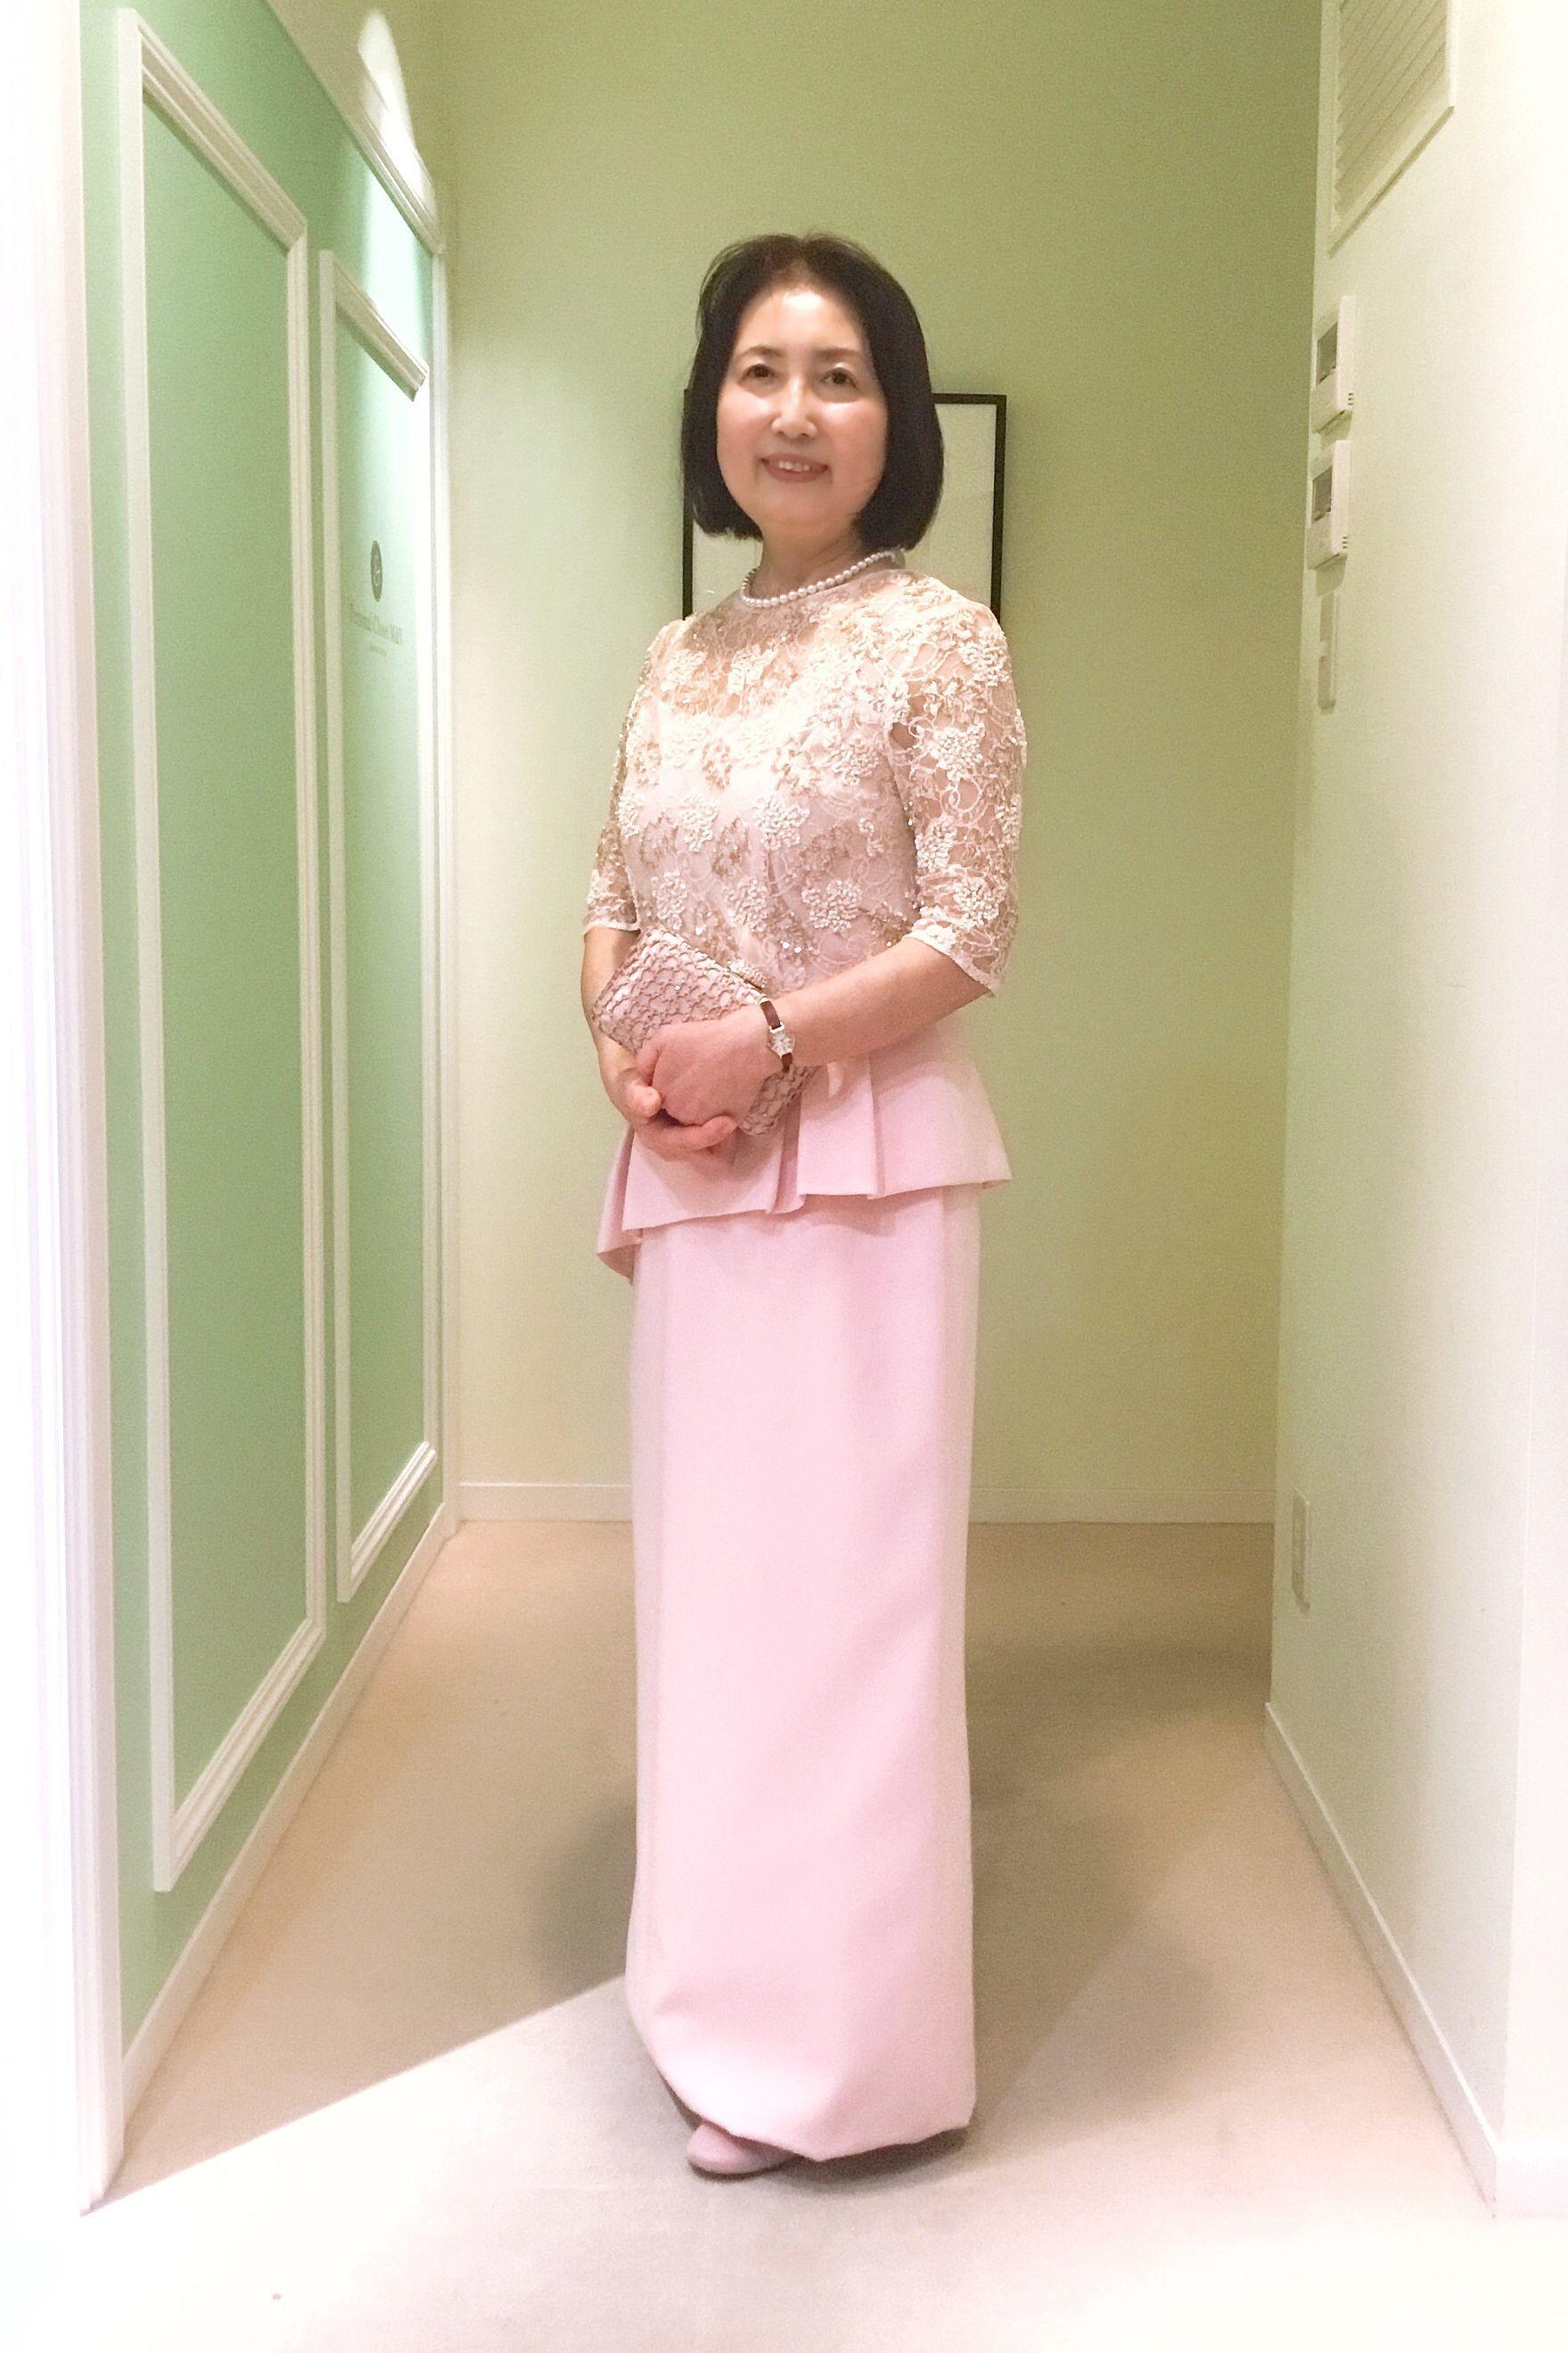 ae432f47fd21b  結婚式母親の高級ドレス ナチュラルでカジュアルモダンな結婚式に